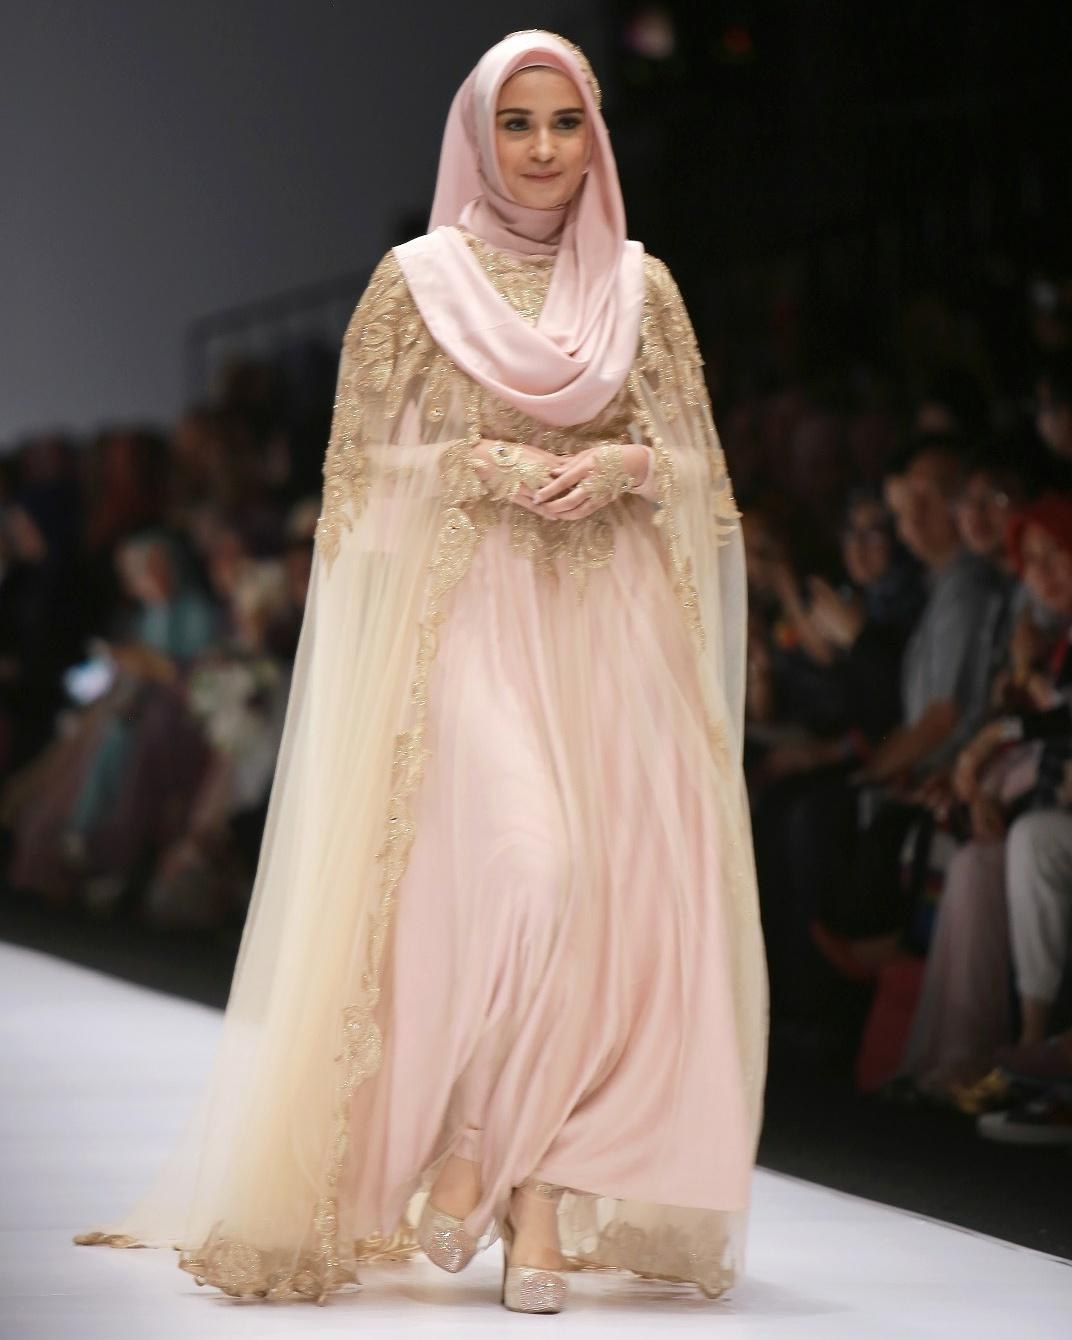 Ide Sewa Gaun Pengantin Muslimah Malang Rldj forum] Buat Pernikahan Gaun Mending Sewa atau Bikin